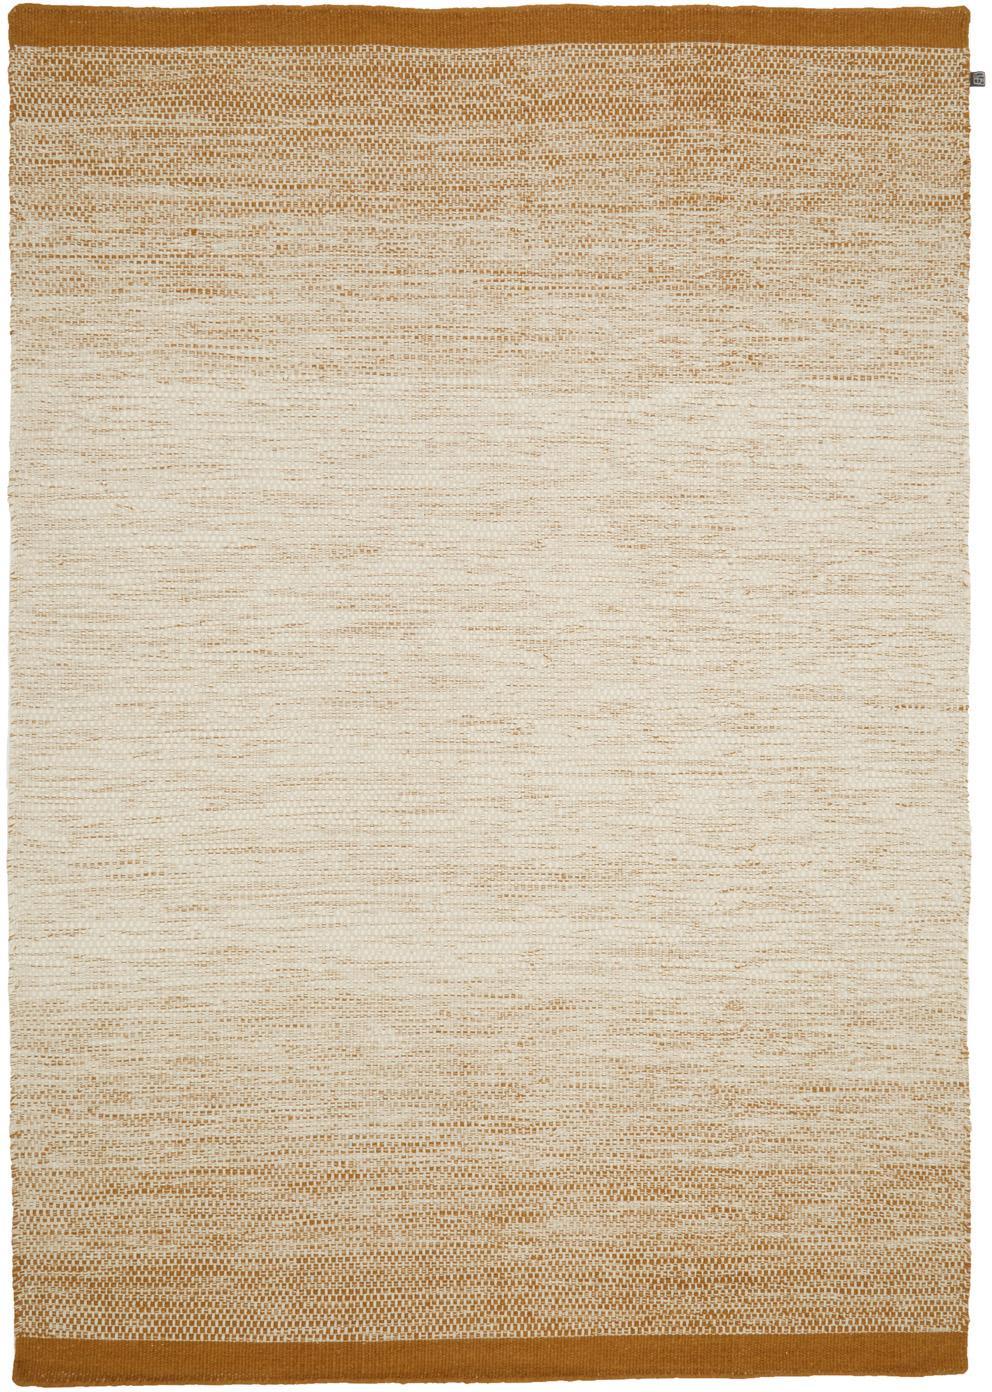 Handgewebter Wollteppich Lule mit Farbverlauf in Beige/Gelb, 70% Wolle, 30% Baumwolle, Ockergelb, Beige, B 140 x L 200 cm (Grösse S)